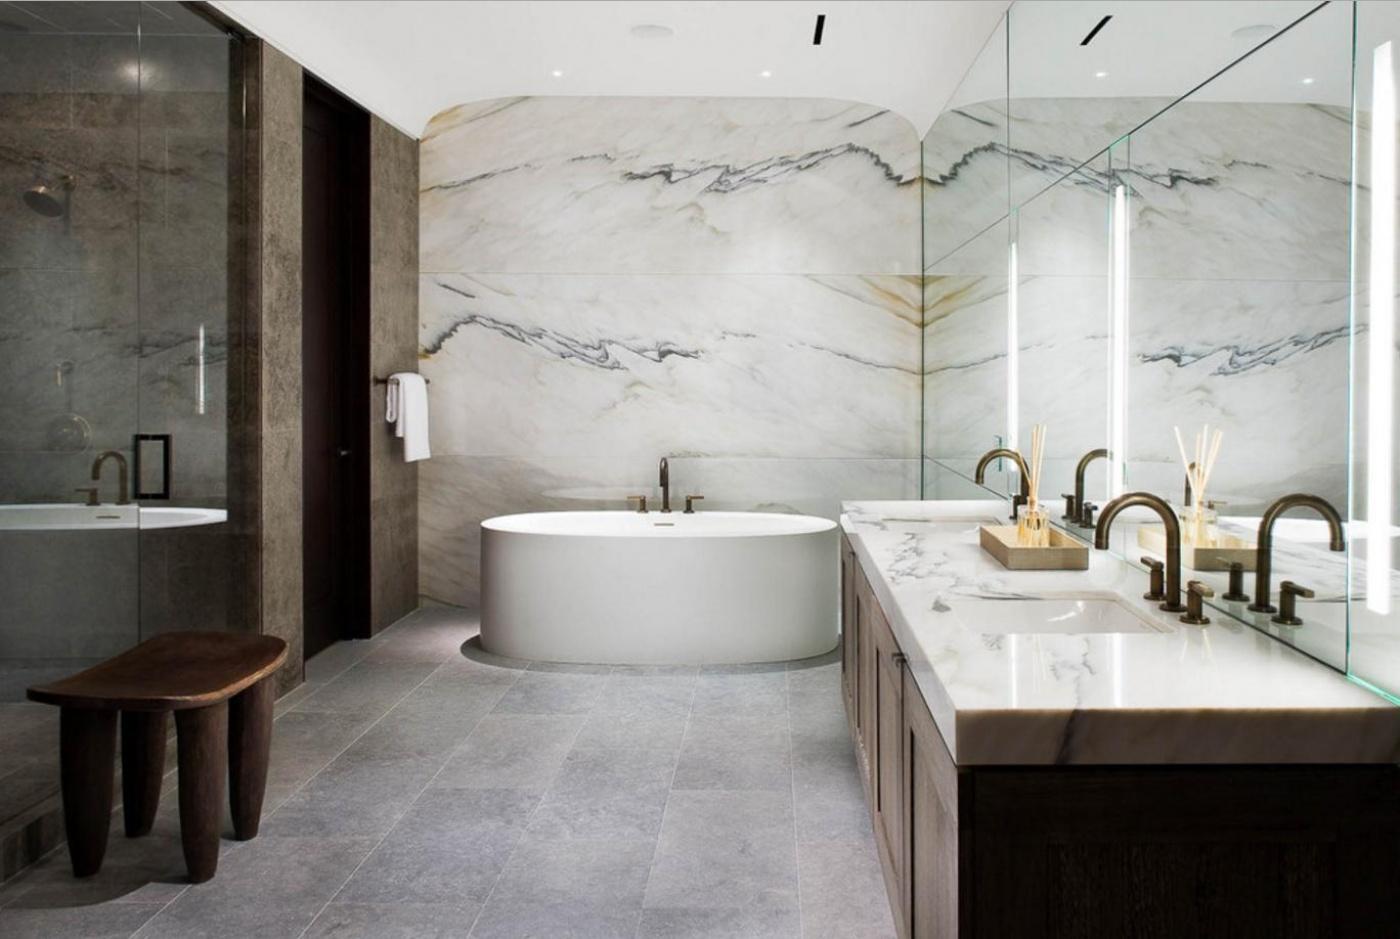 Pierre calcaire Salle de bains Marbre blanc Paonazetto